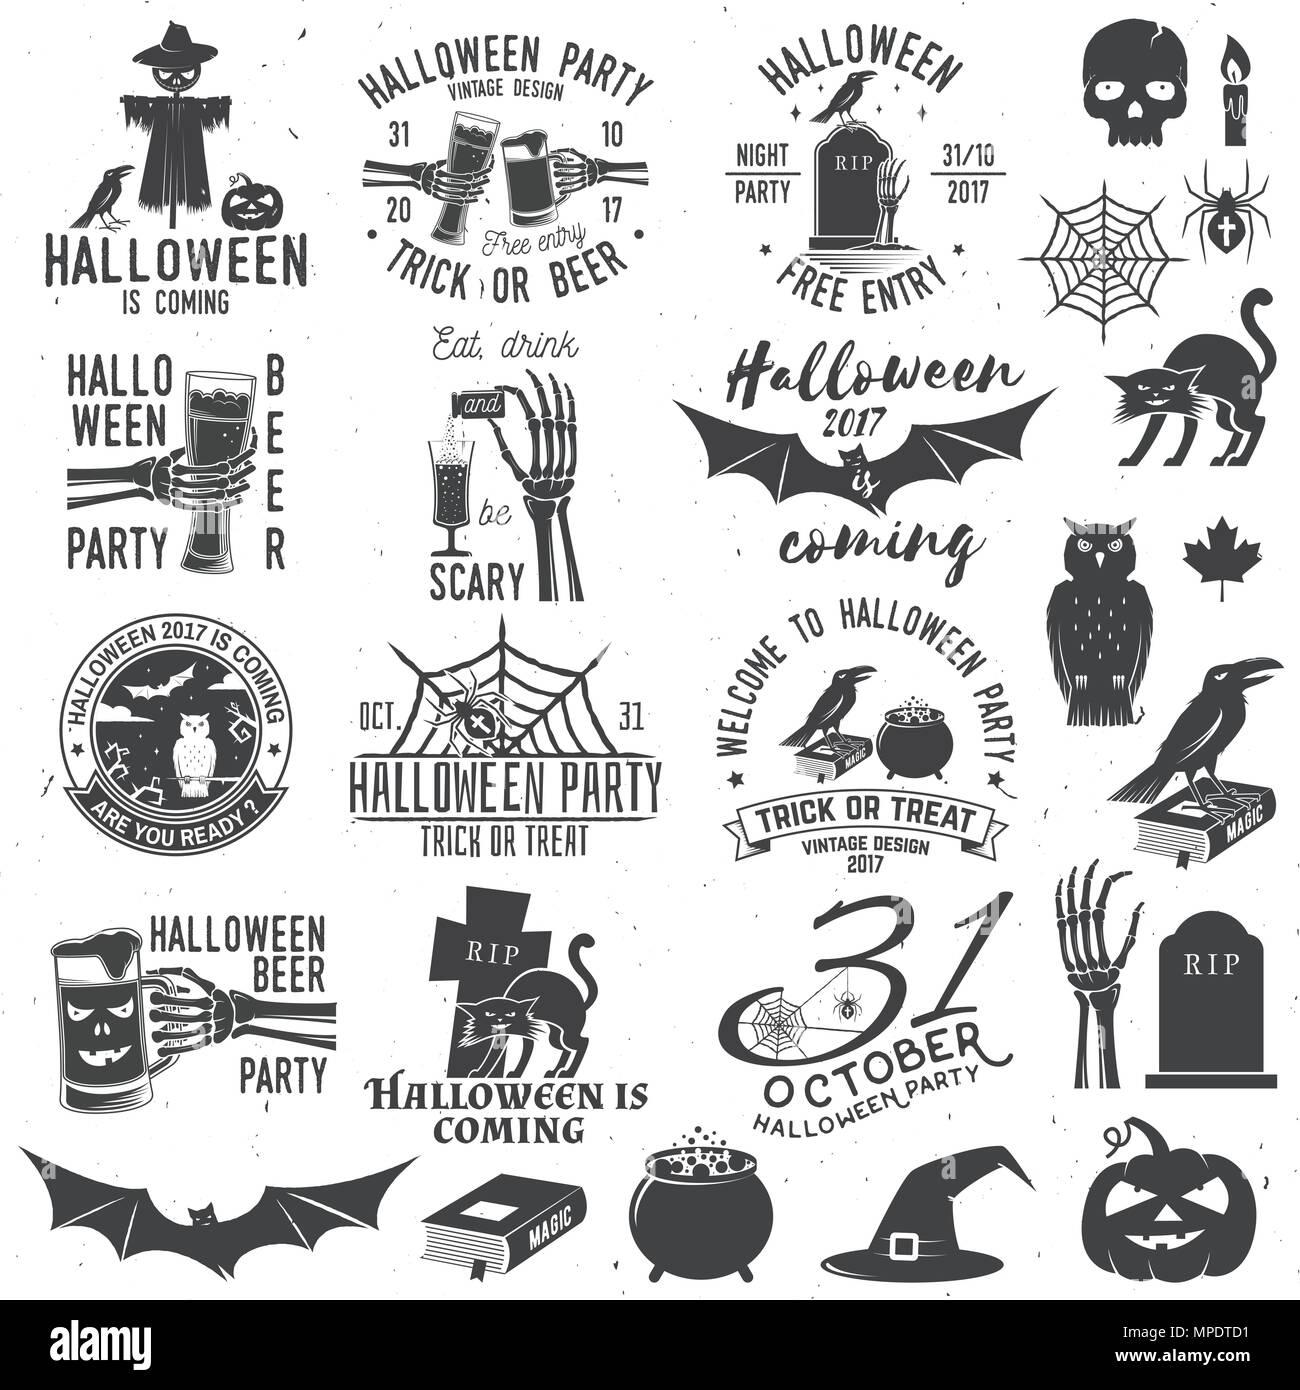 Satz Von Halloween Party Konzept Mit Designelementen Halloween